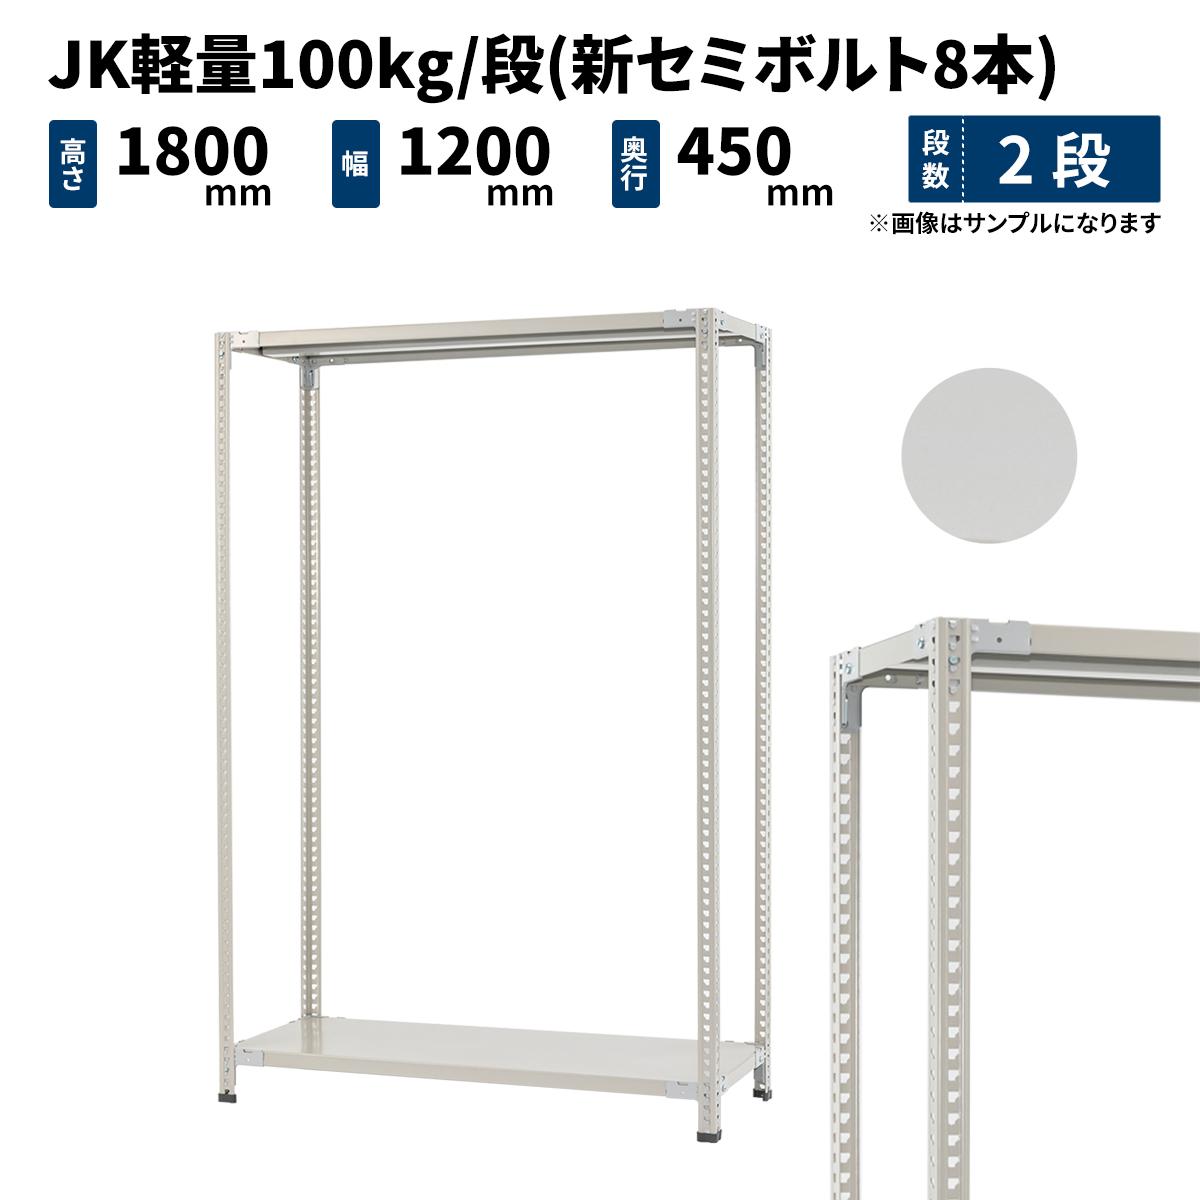 スチールラック 業務用 JK軽量100kg/段(新セミボルト8本) 高さ1800×幅1200×奥行450mm 2段 ホワイトグレー (23kg) JK100NT-181245-2